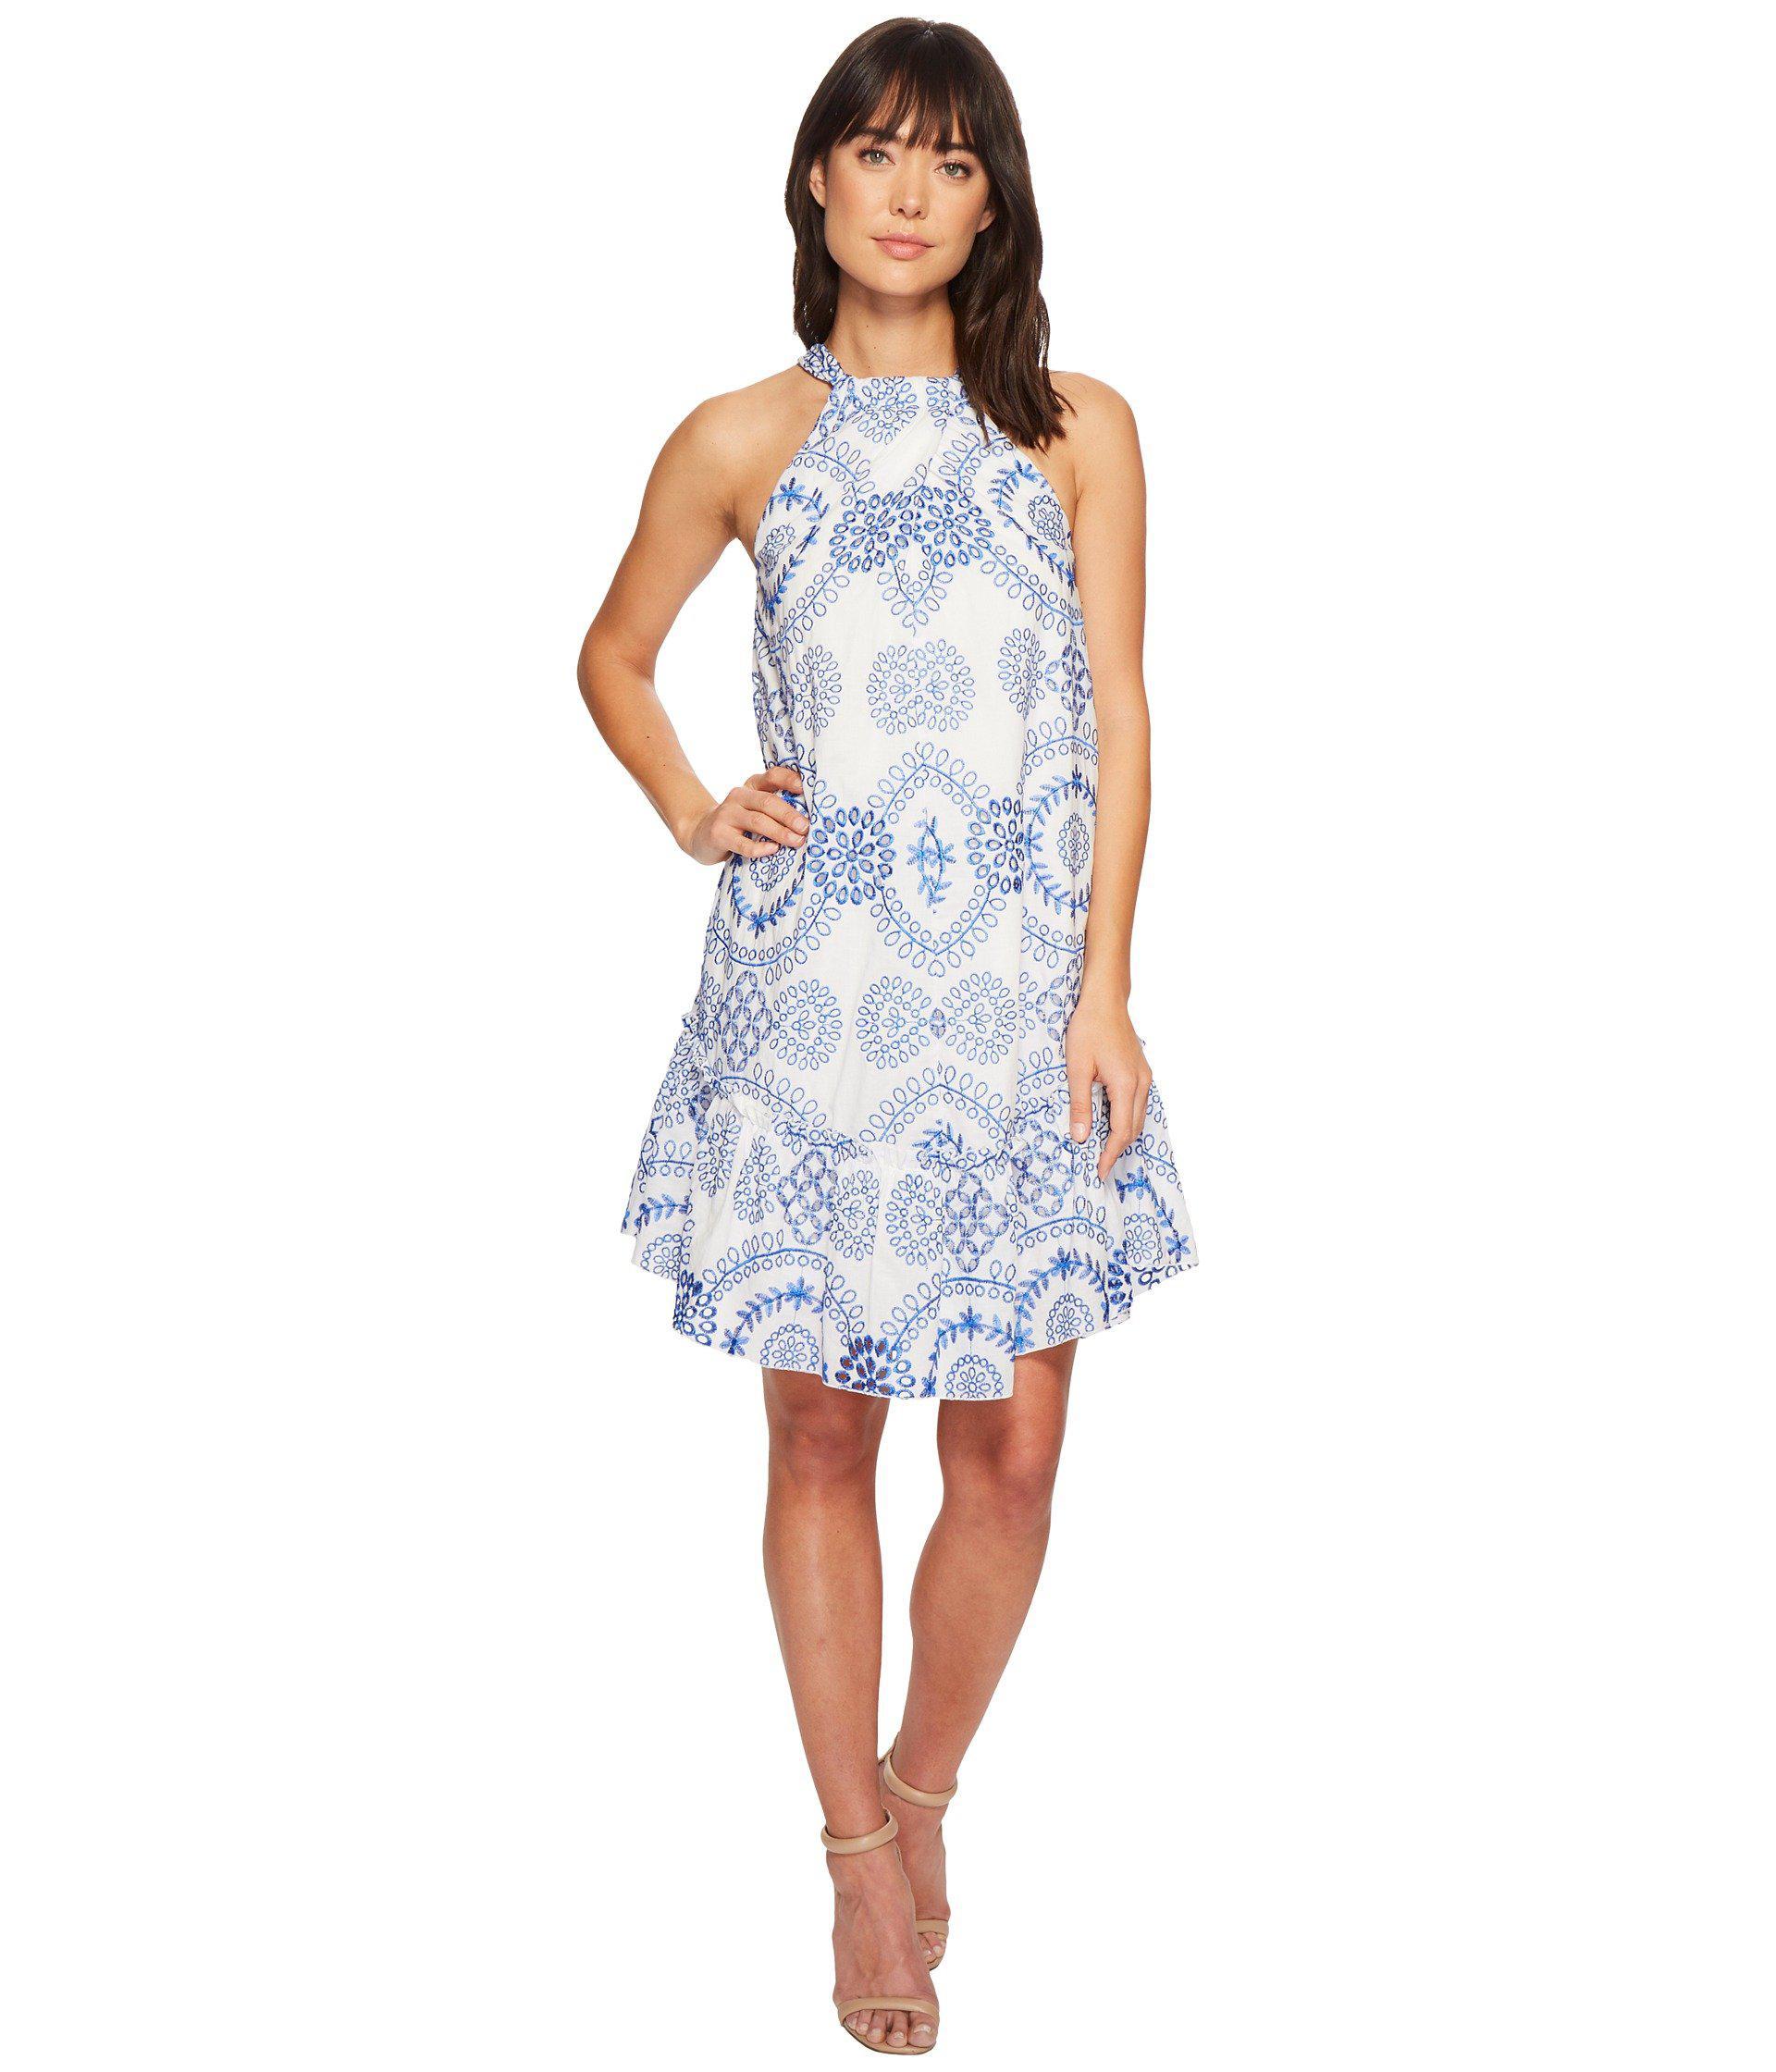 487379850a6 Trina Turk Kori Dress in Blue - Lyst